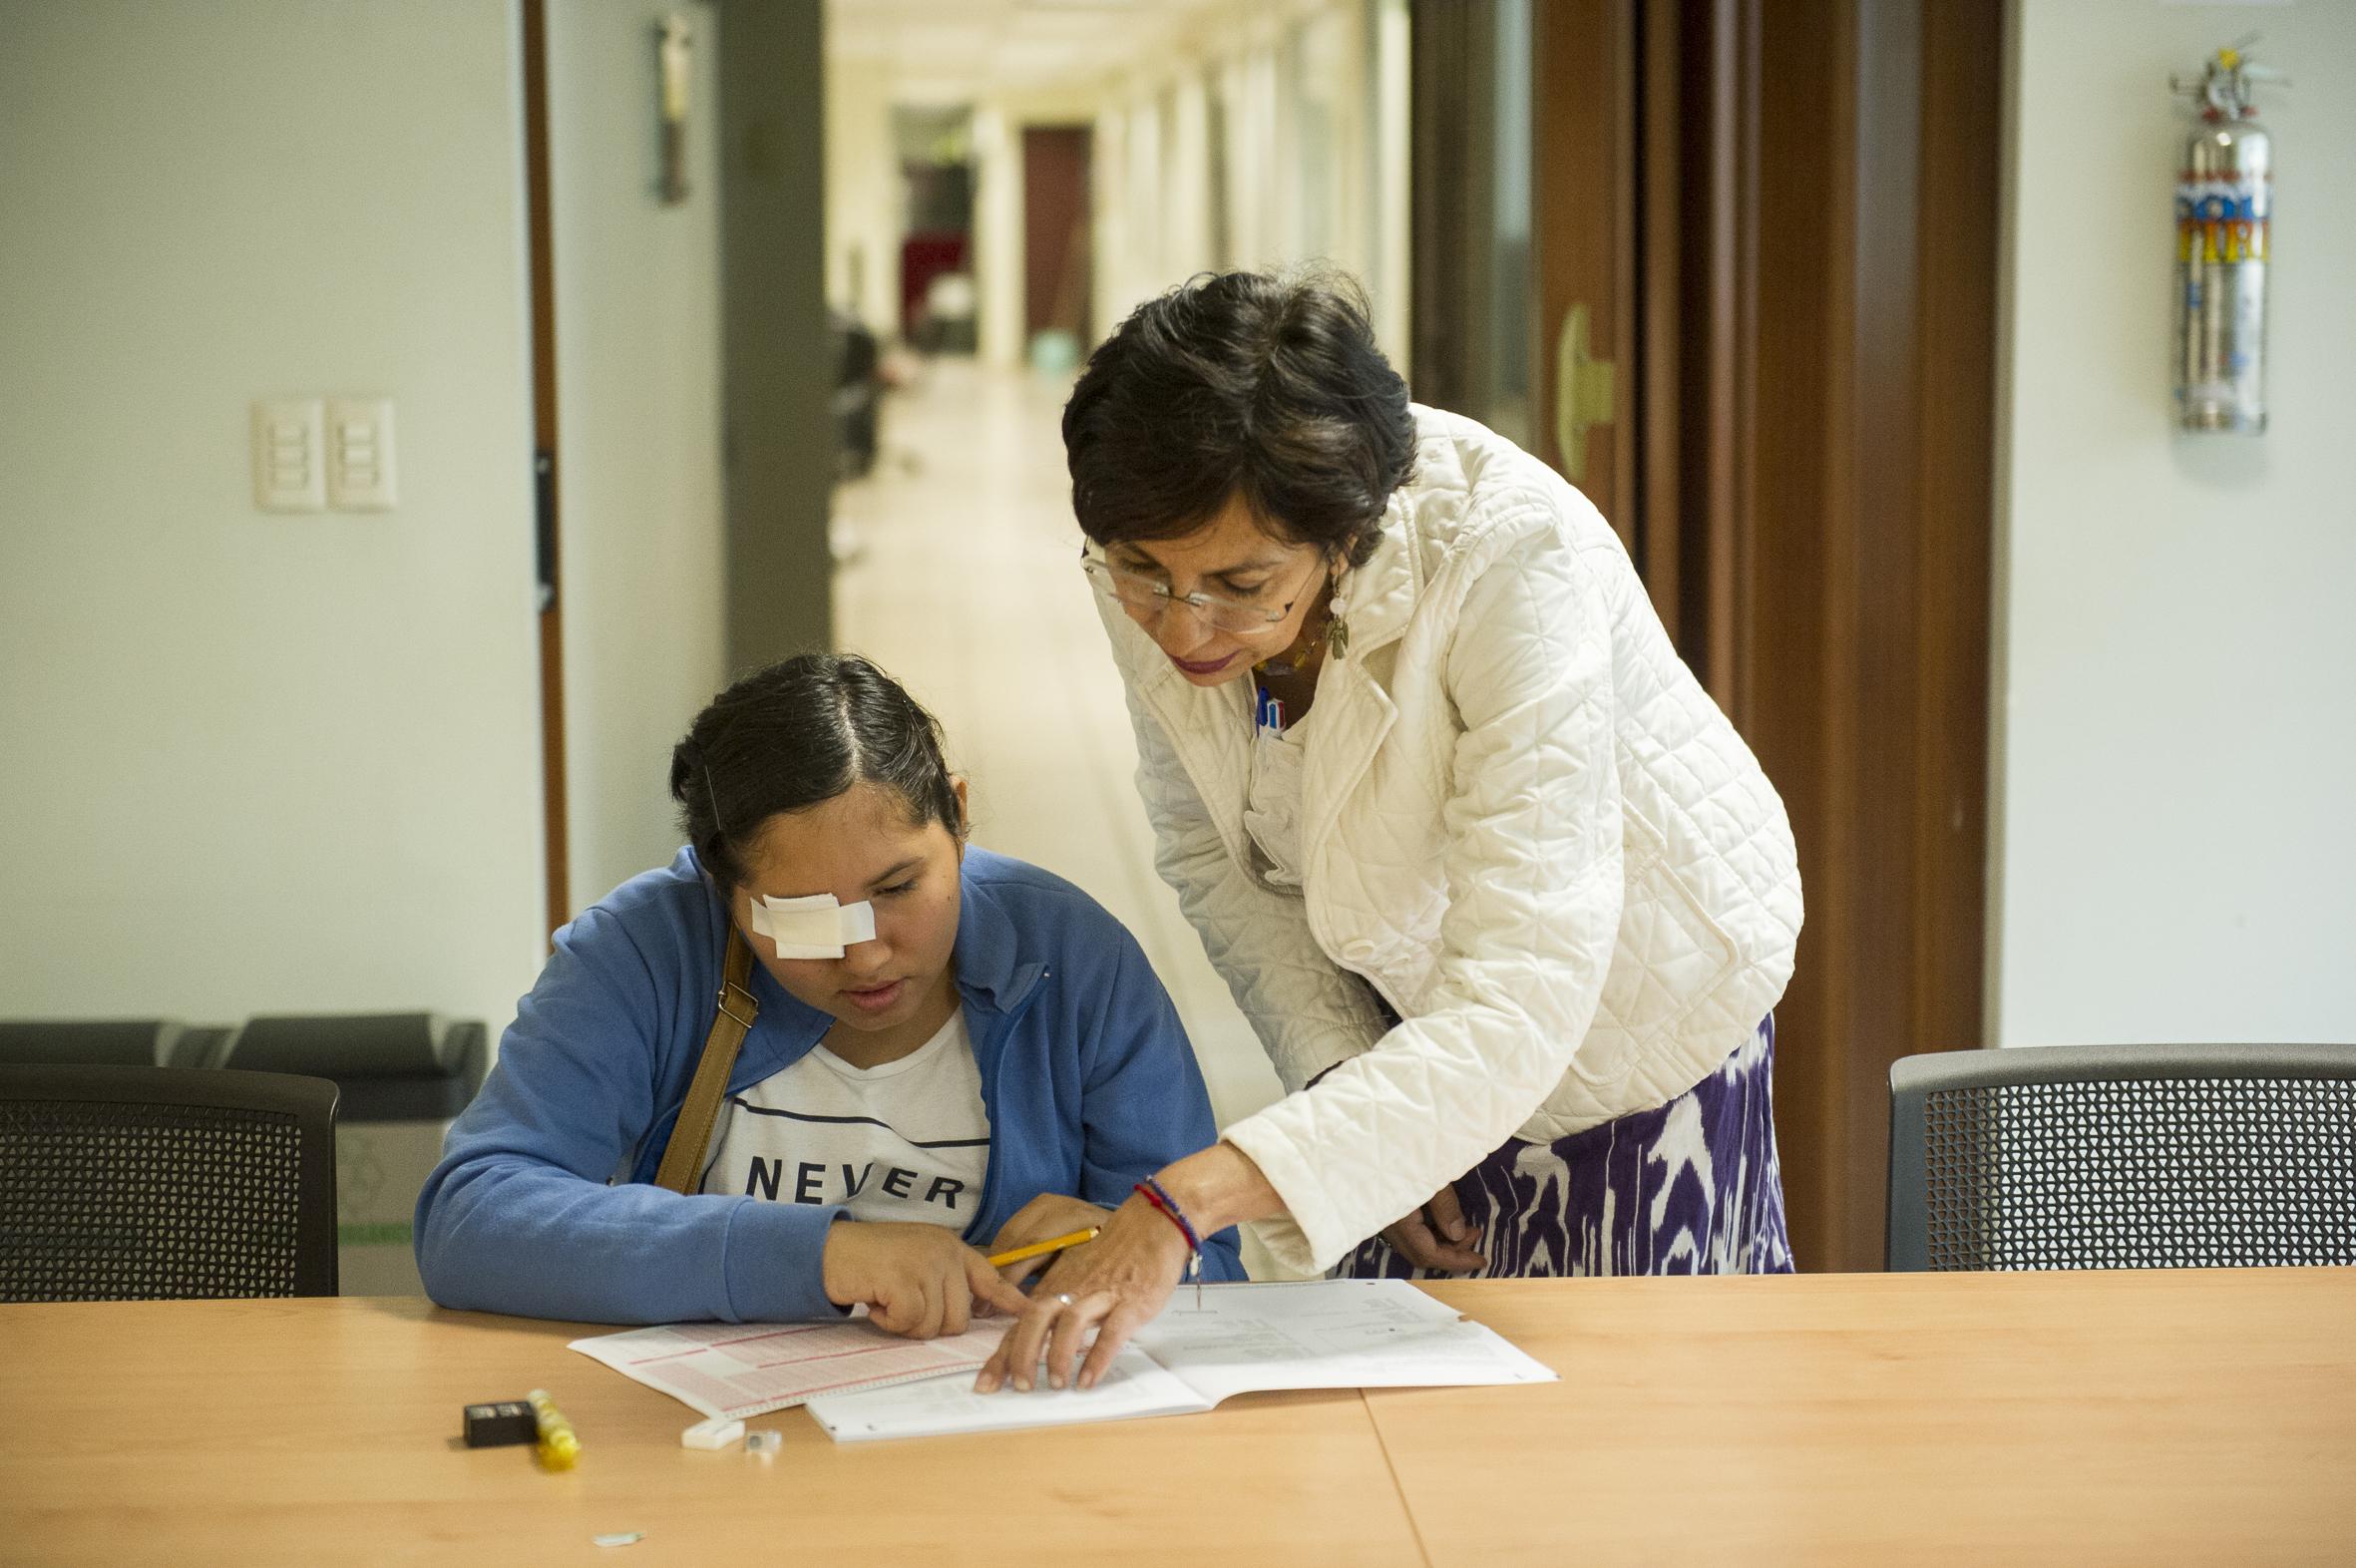 Instructor explicando las instrucciones y preguntas para entender el examen a aspirante en situación de discapacidad.